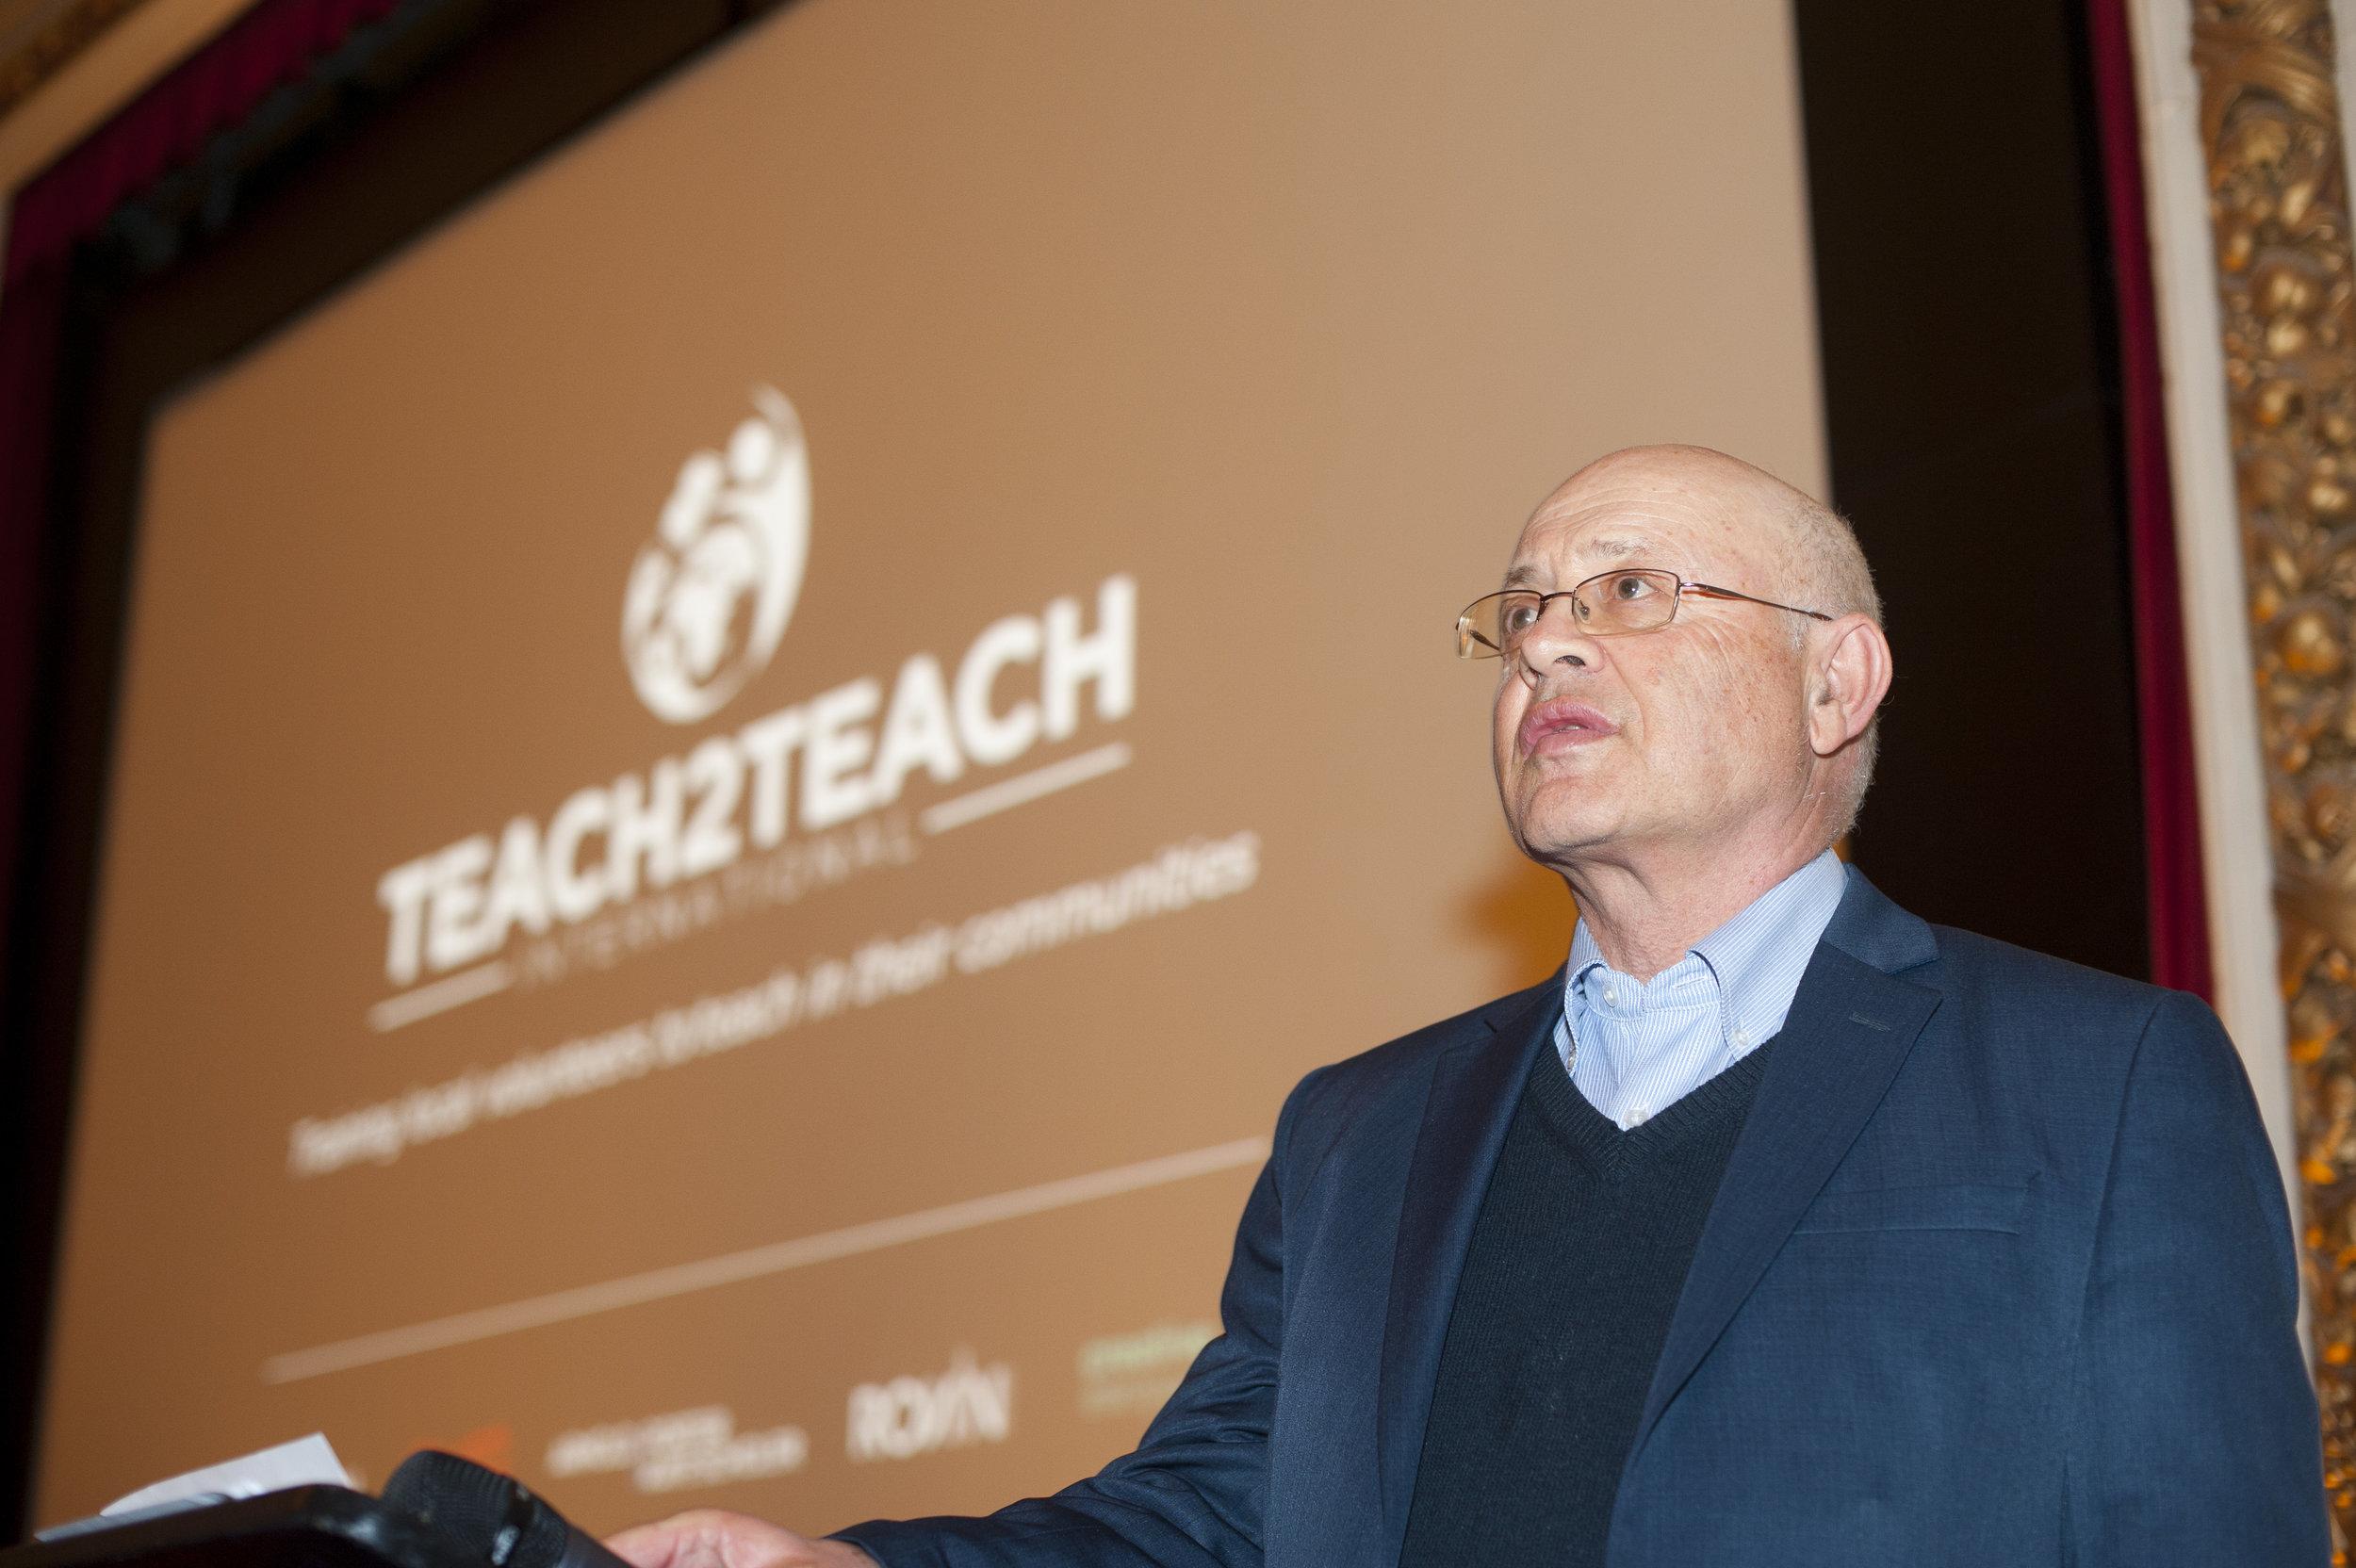 teach2teach_33.jpg